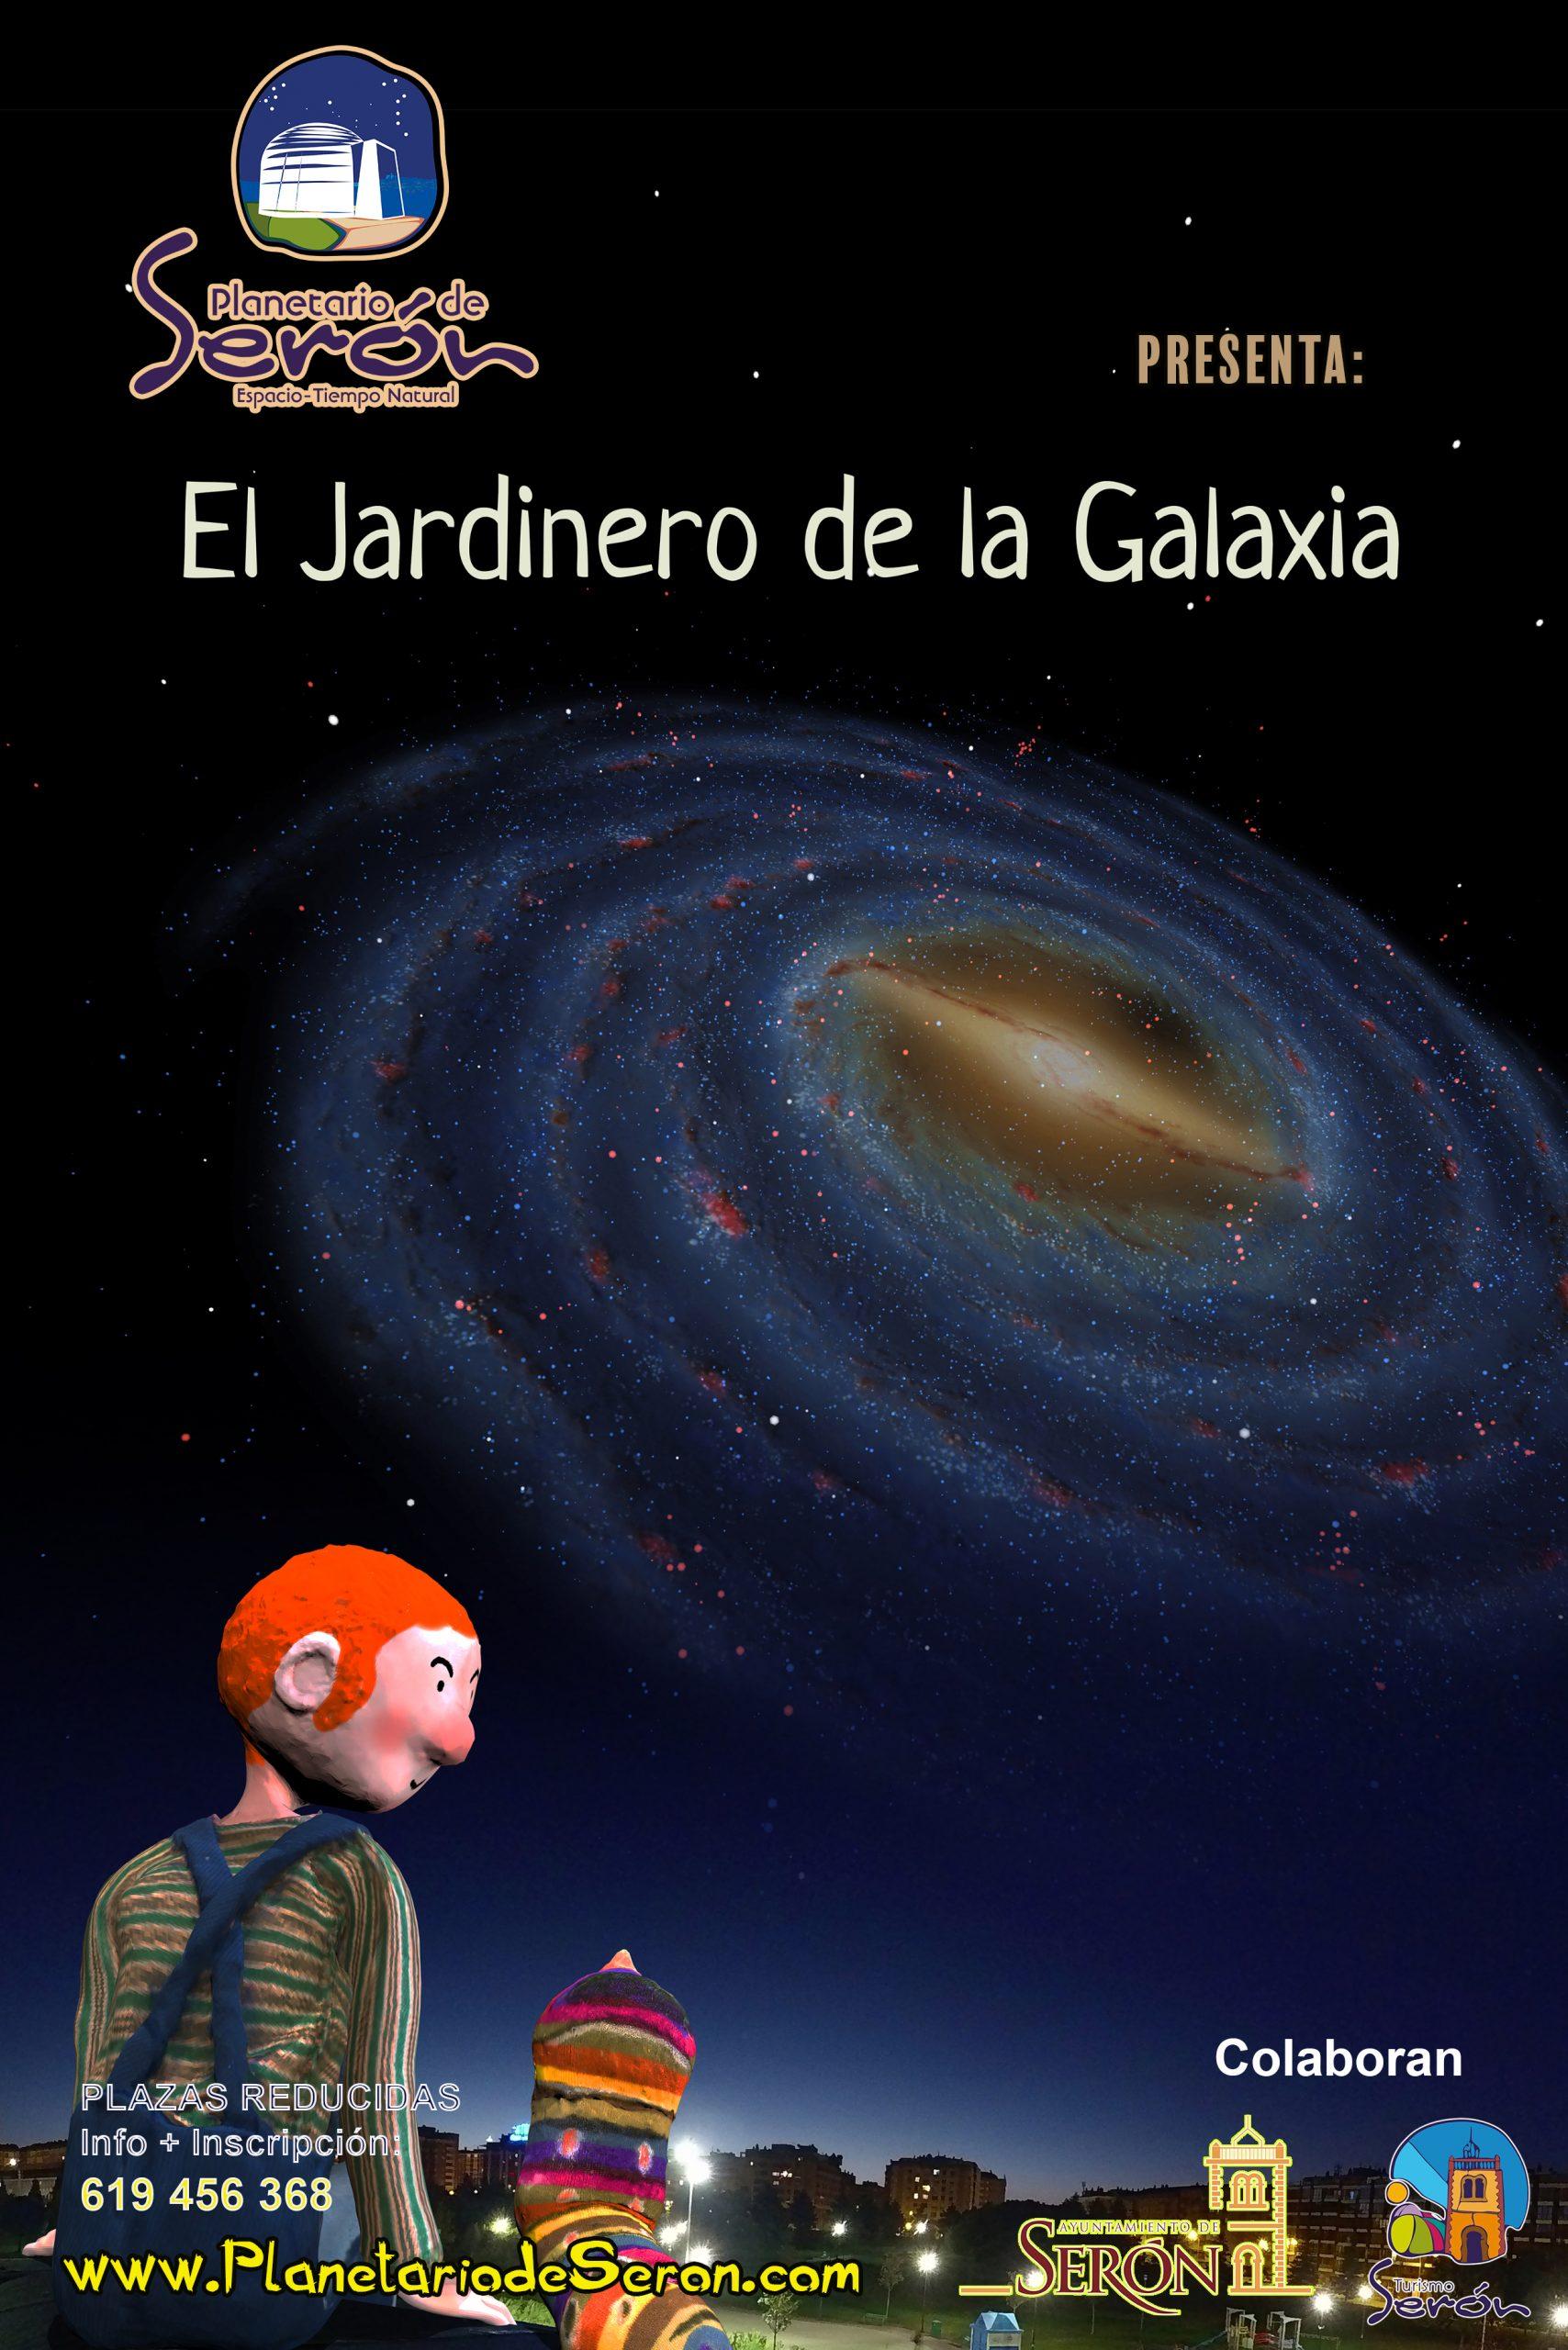 El Jardinero de la Galaxia